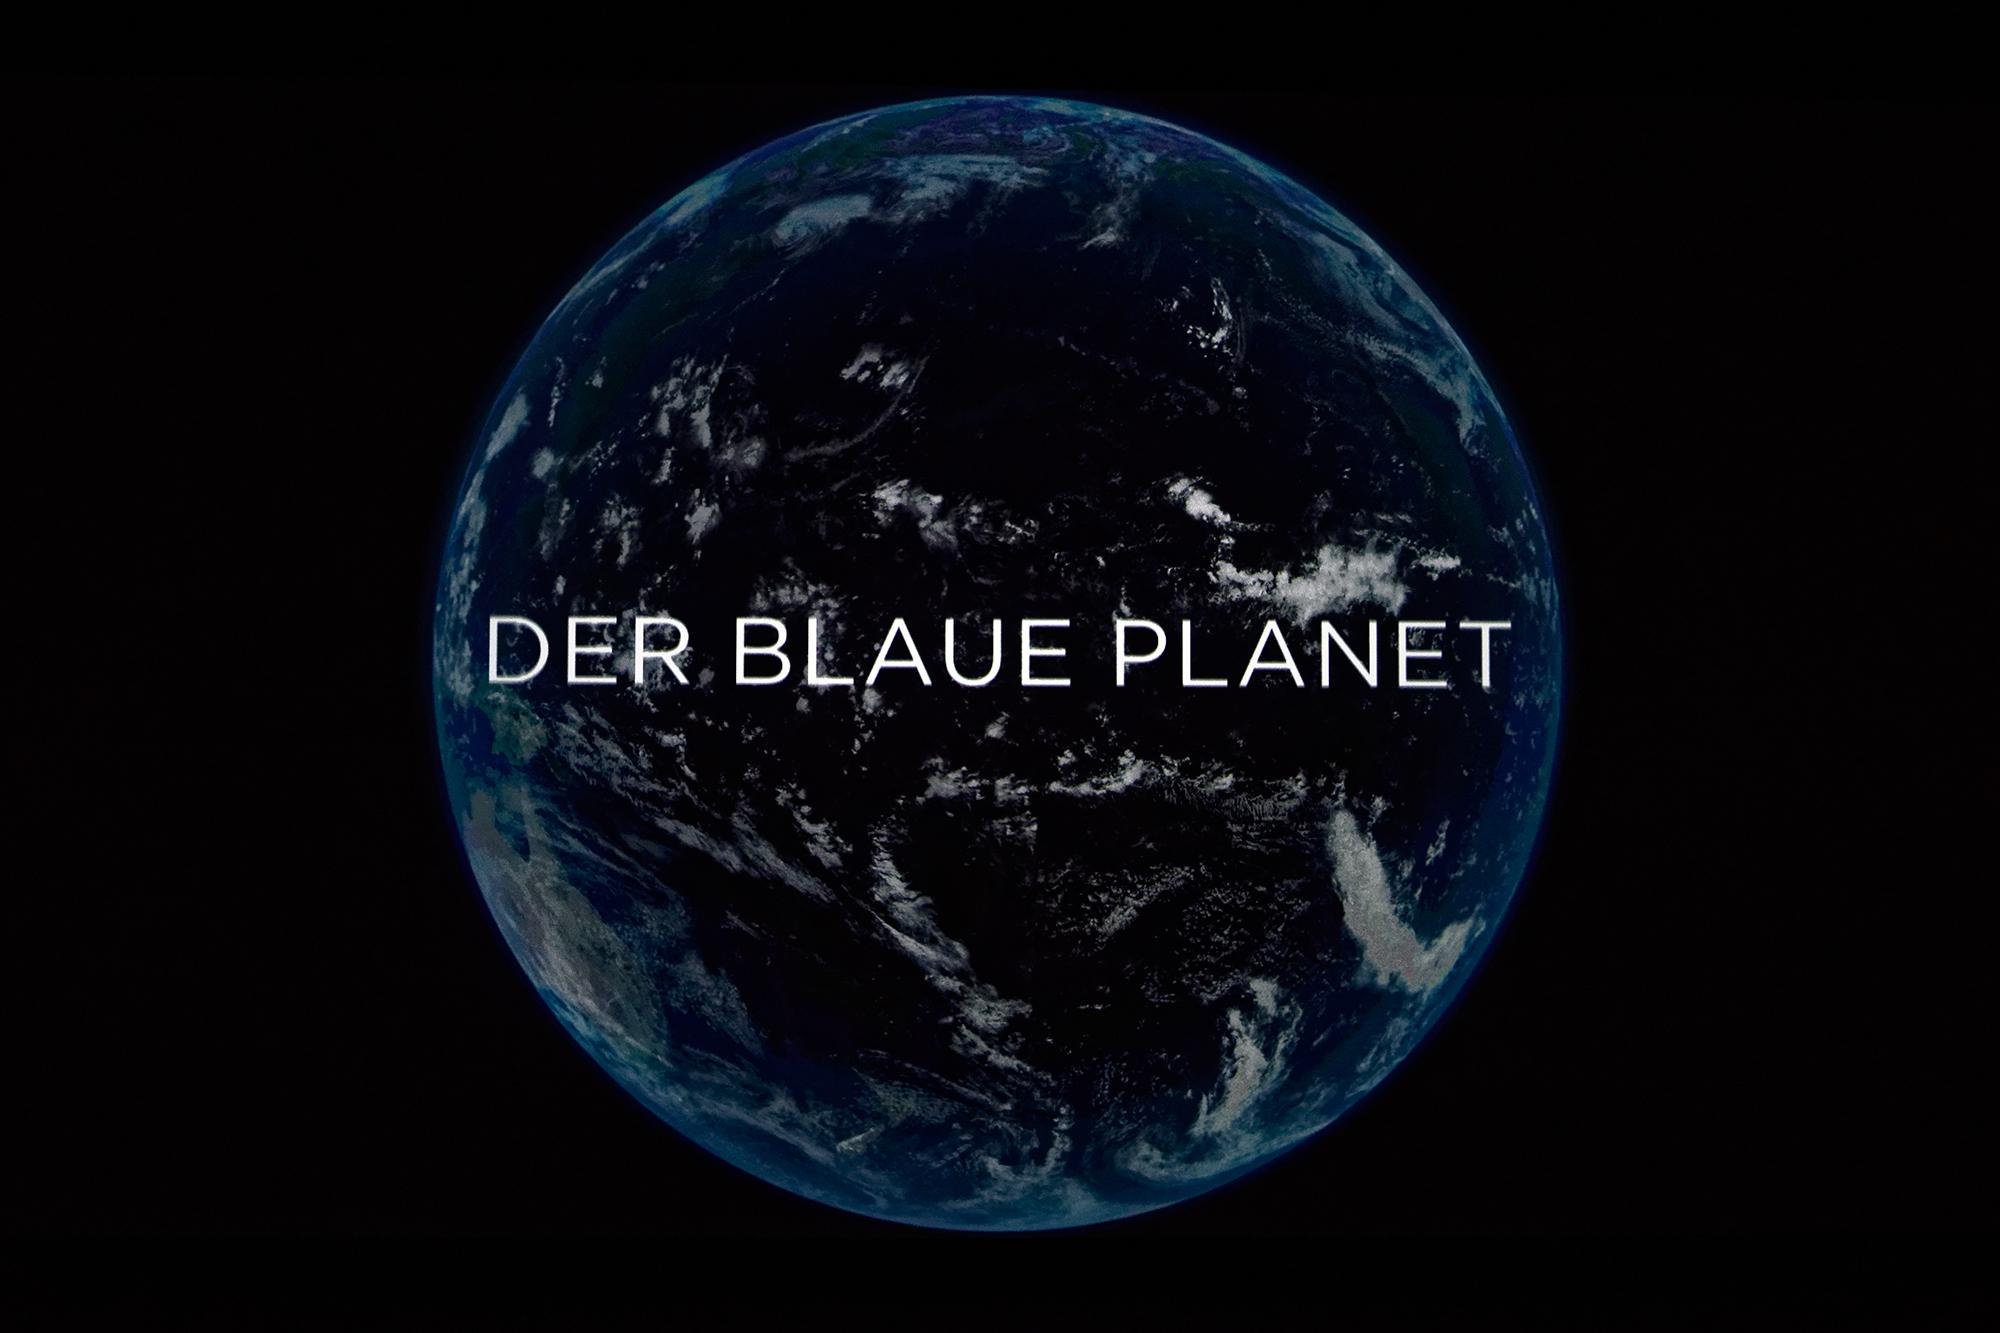 Blaue Planet